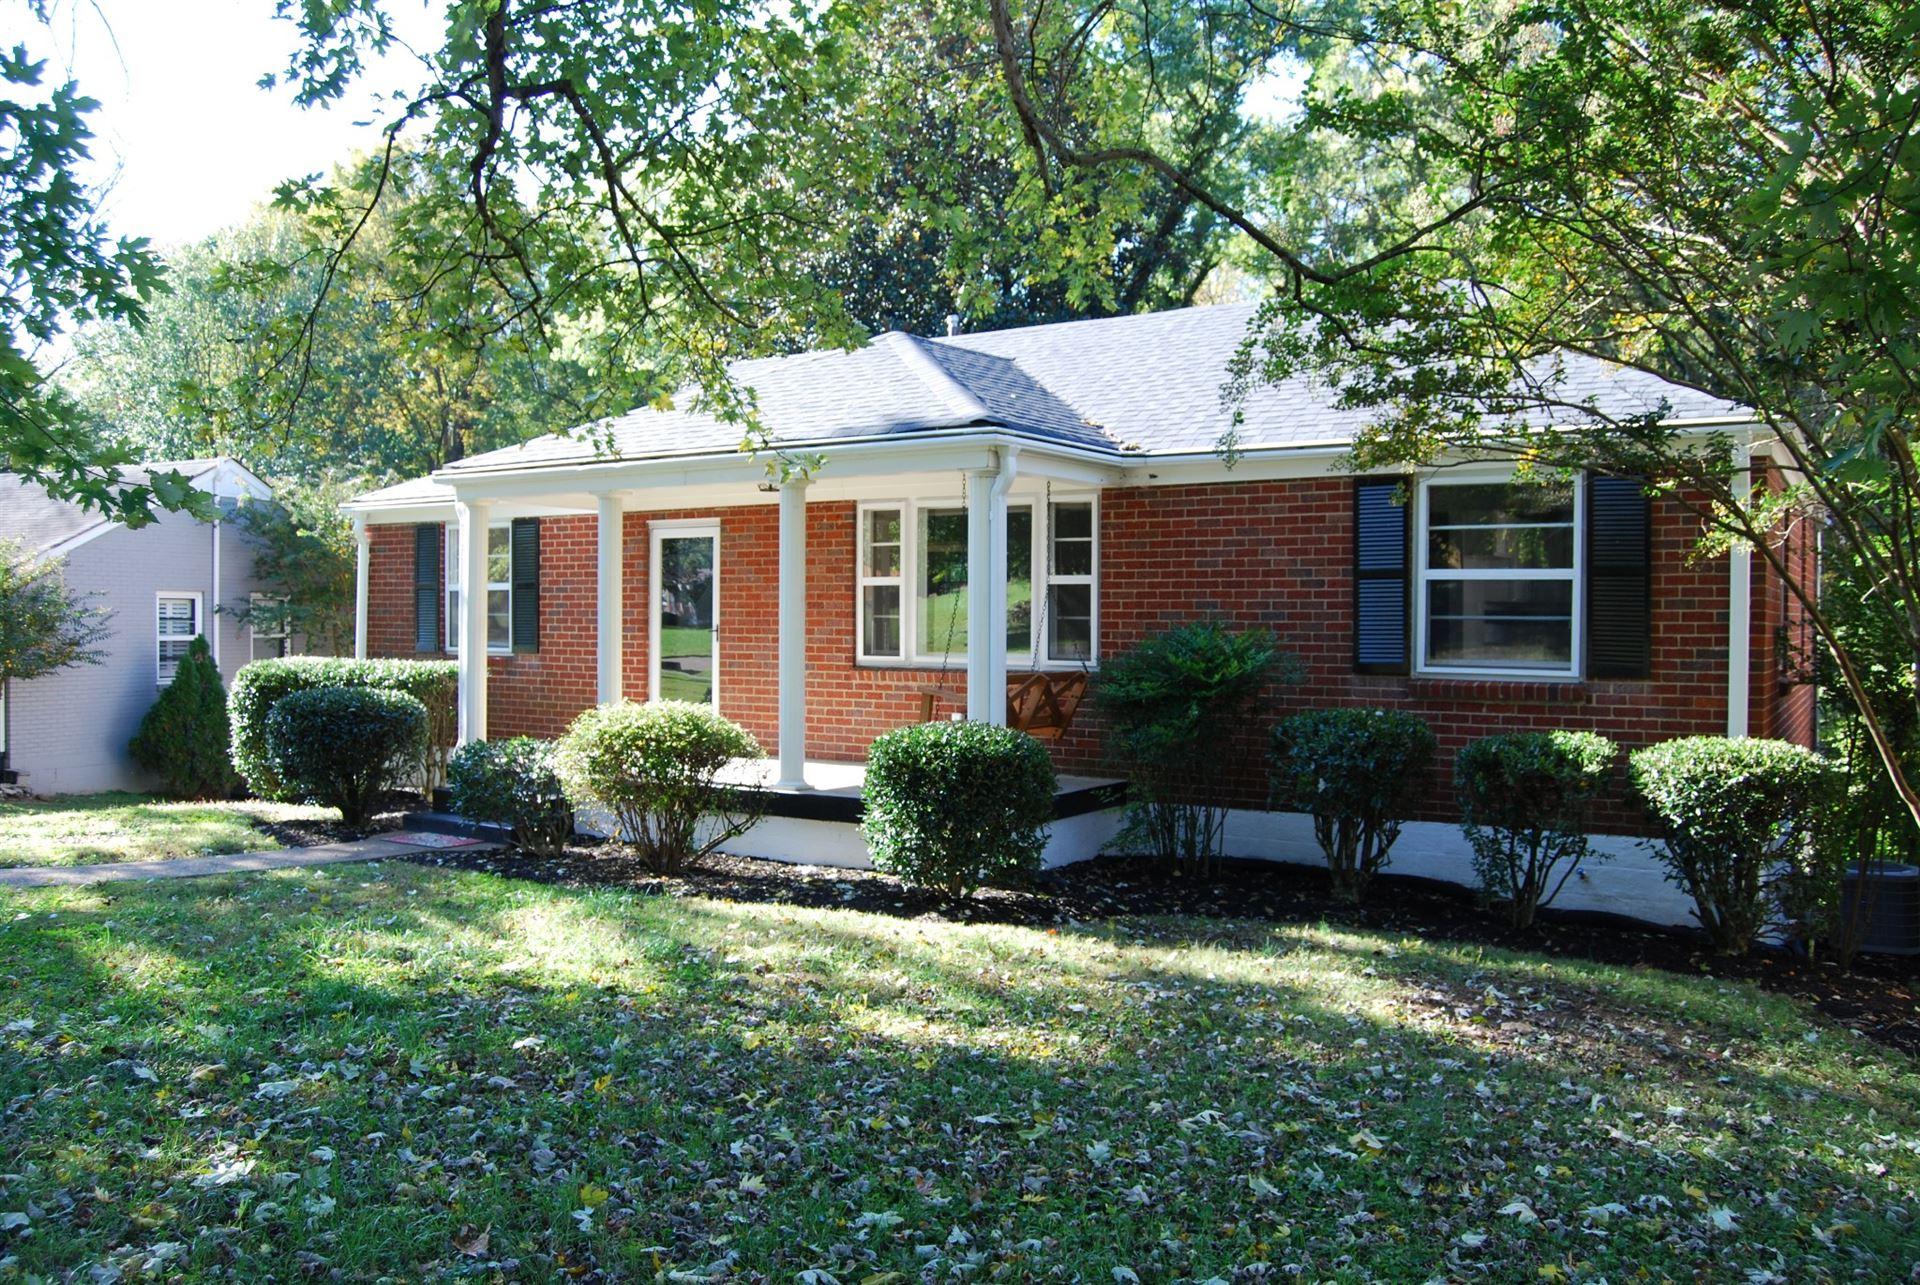 3339 Mimosa Dr, Nashville, TN 37211 - MLS#: 2199101